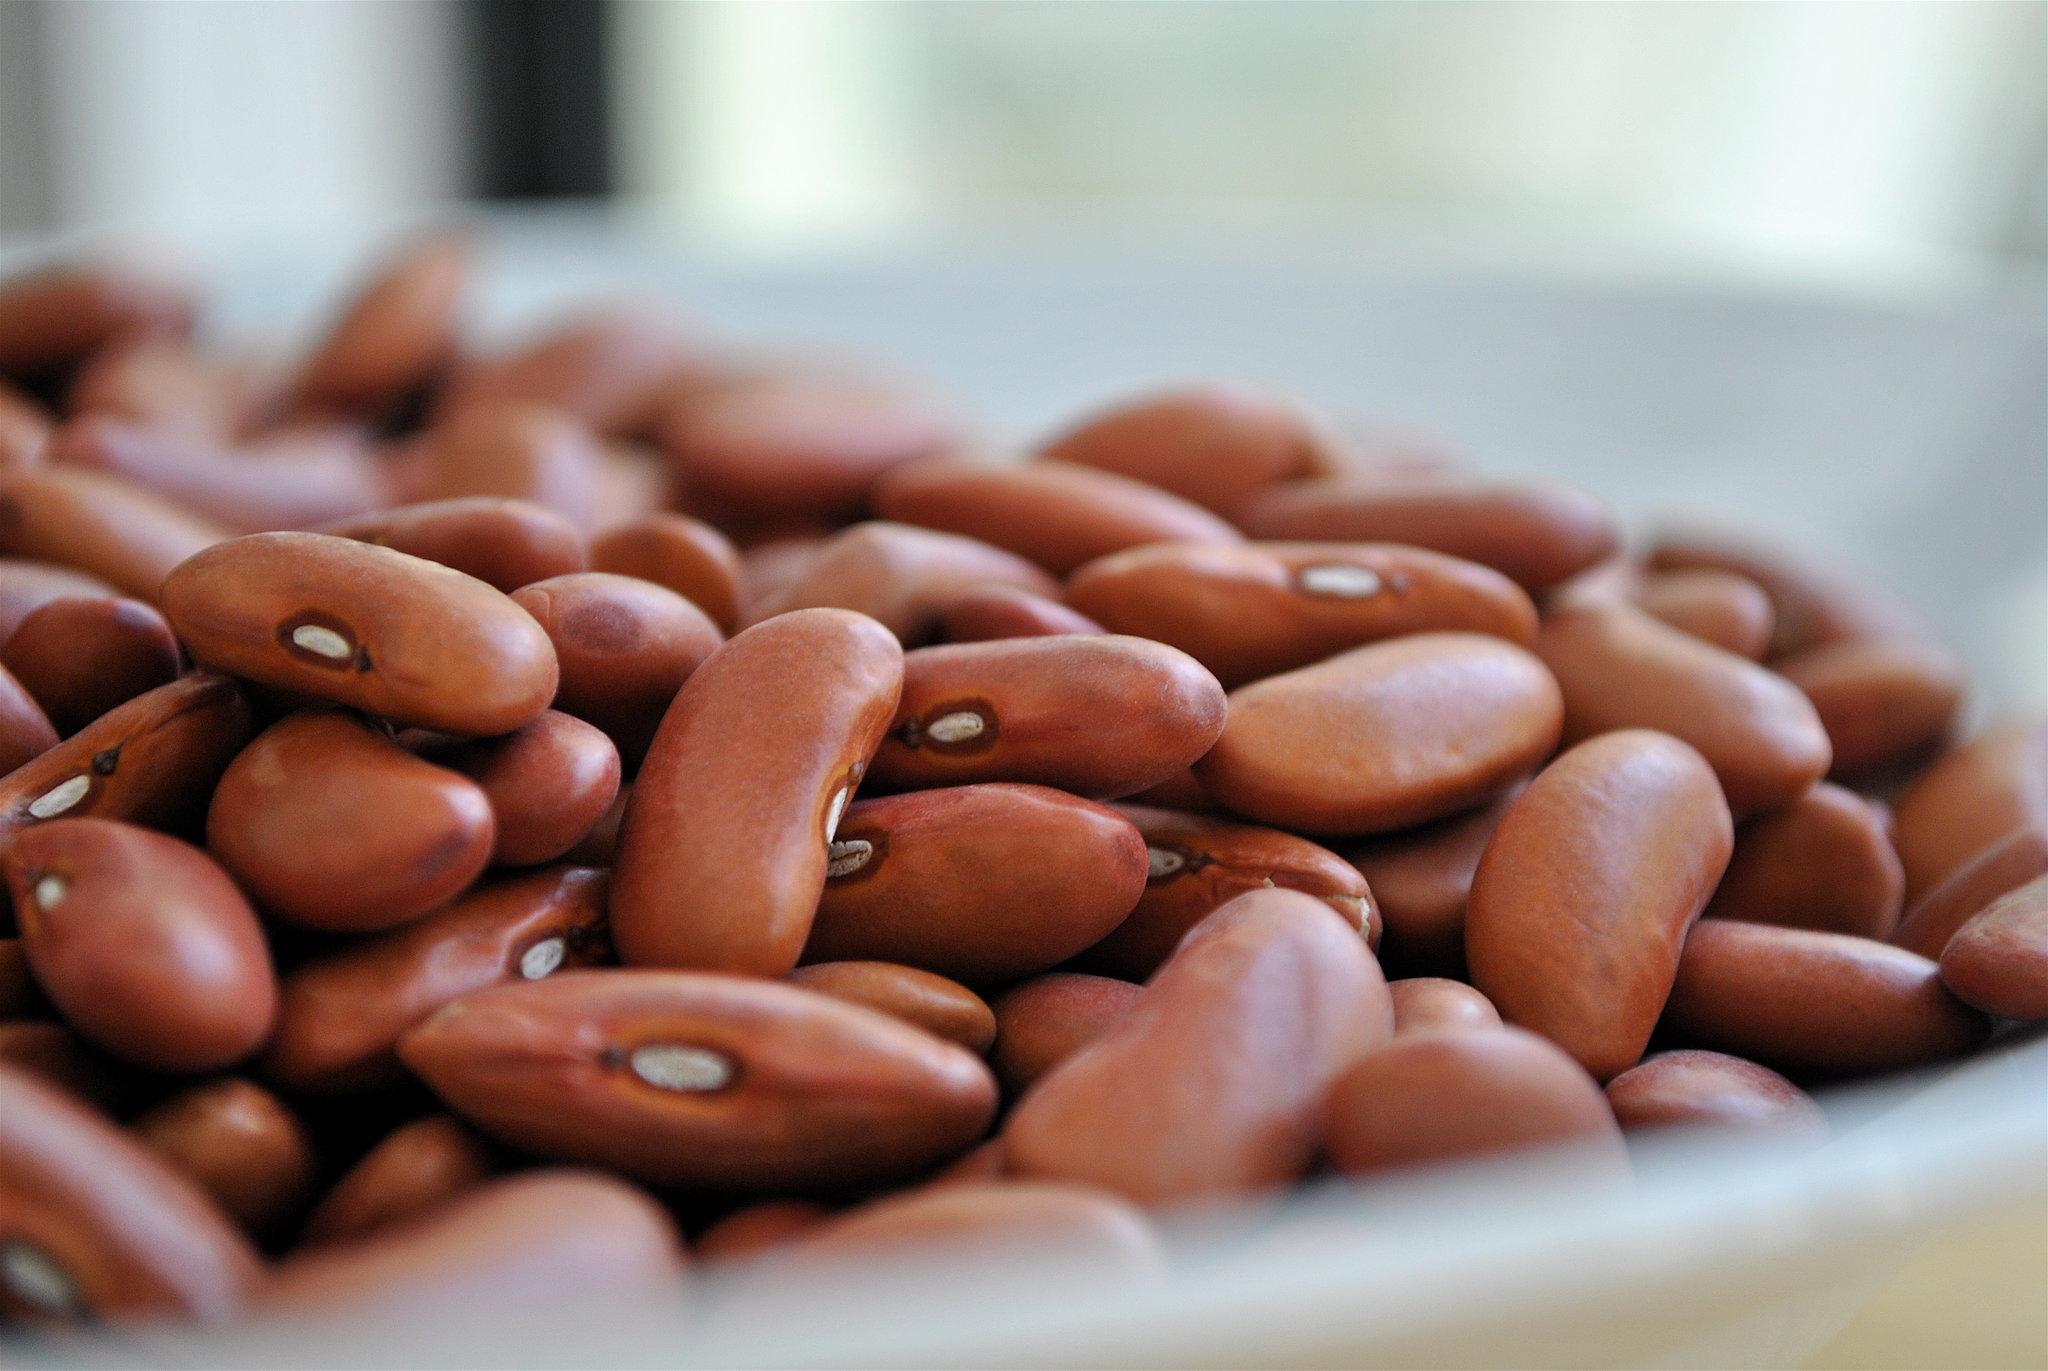 8fc42efd36aa3cb8_beans.xxxlarge_2x